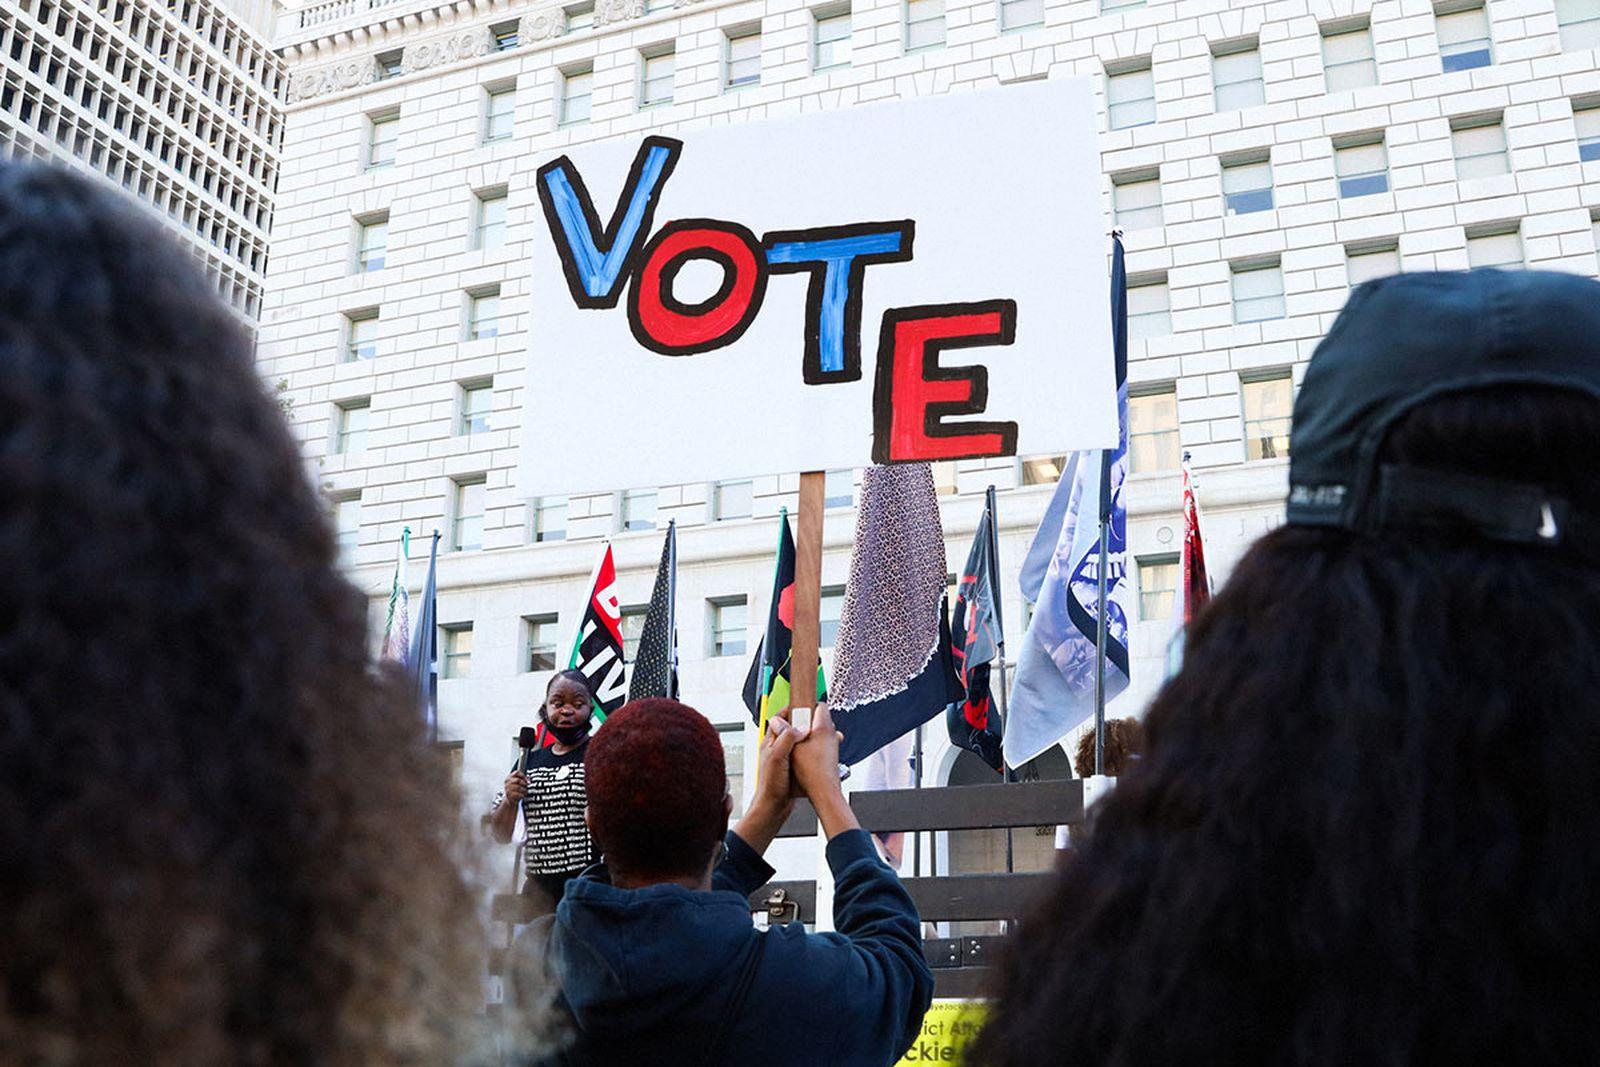 finances-political-campaigns-care-01